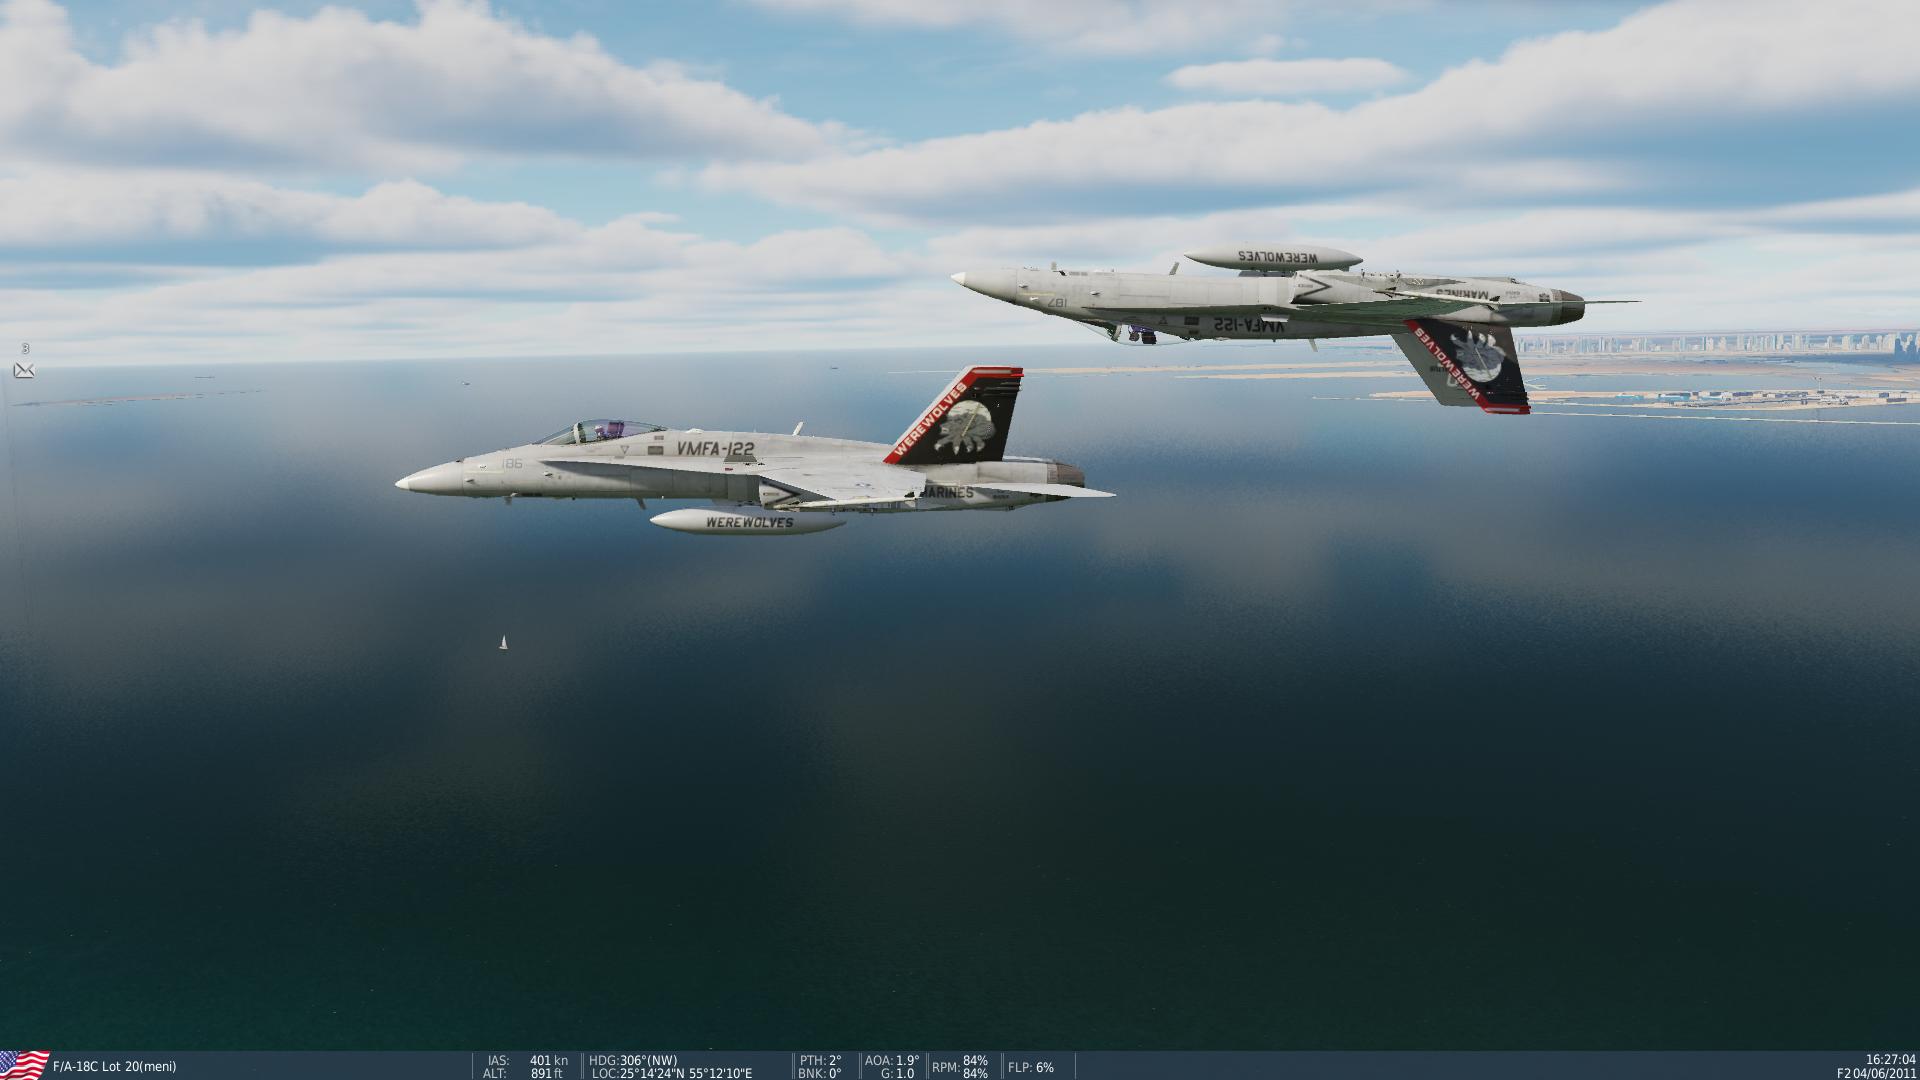 נותן לטייס מוכשר ביותר להפוך אותי לשפן ניסוים אווירובטי